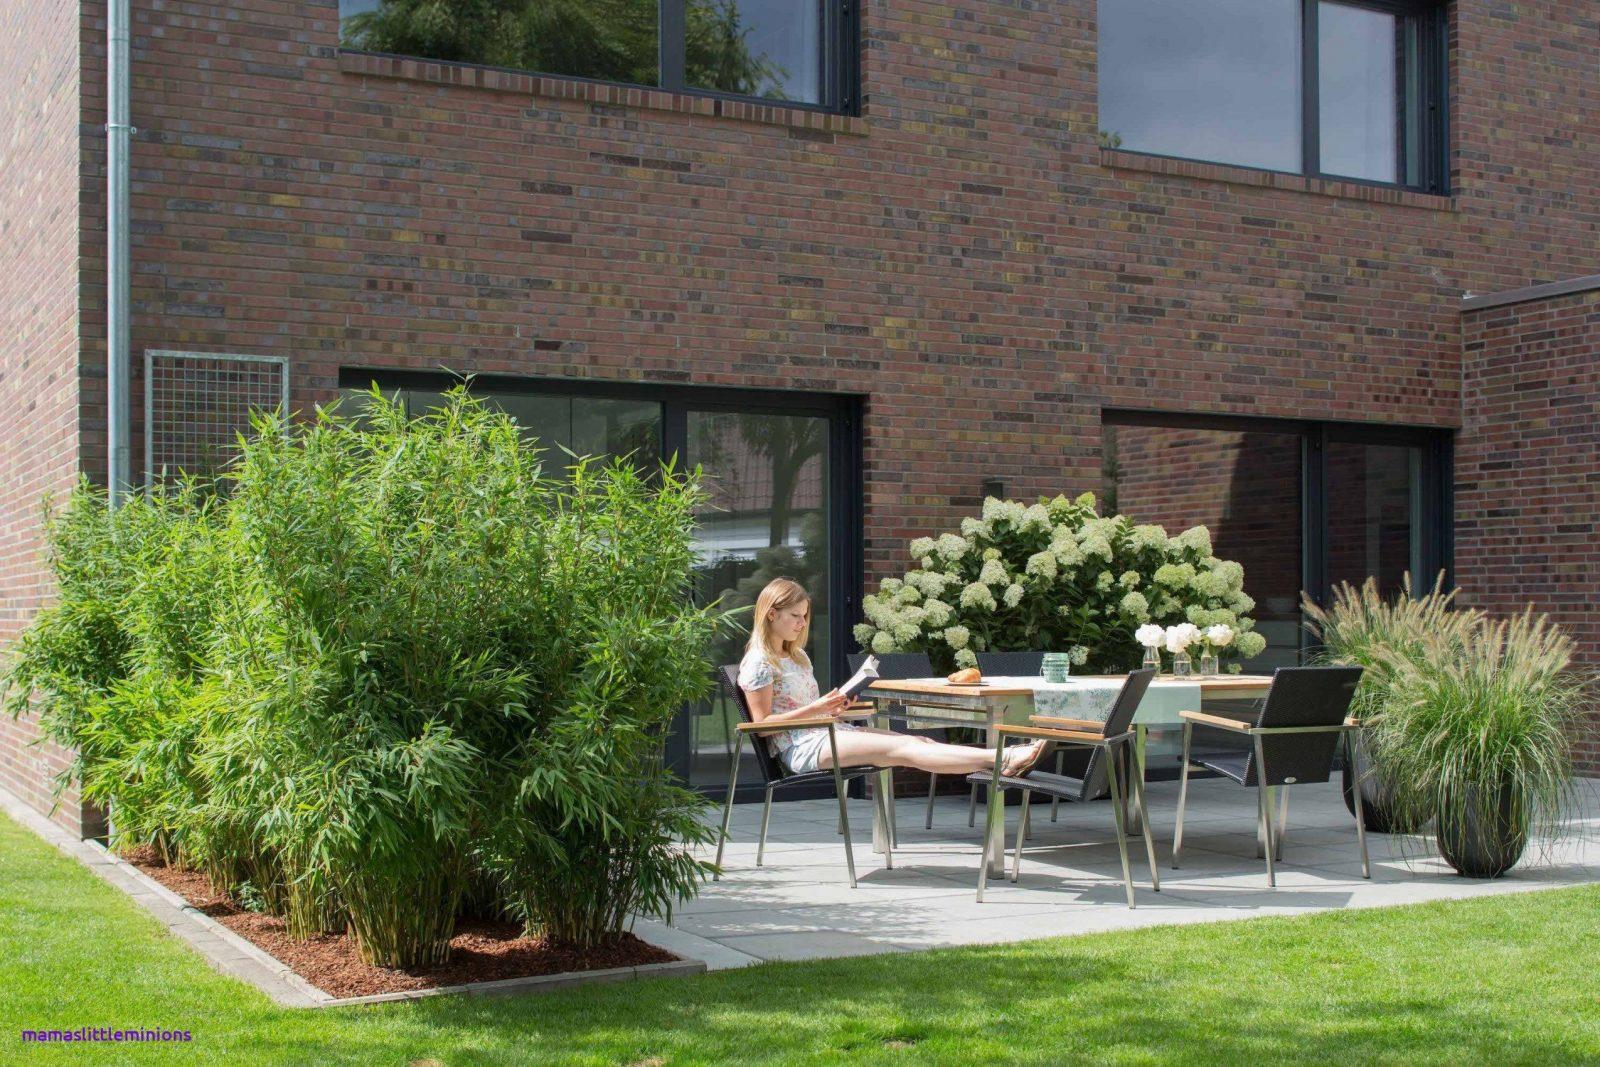 Sichtschutz terrasse bepflanzung durchgehend pflanzen als for Pflanzen als sichtschutz fur terrasse